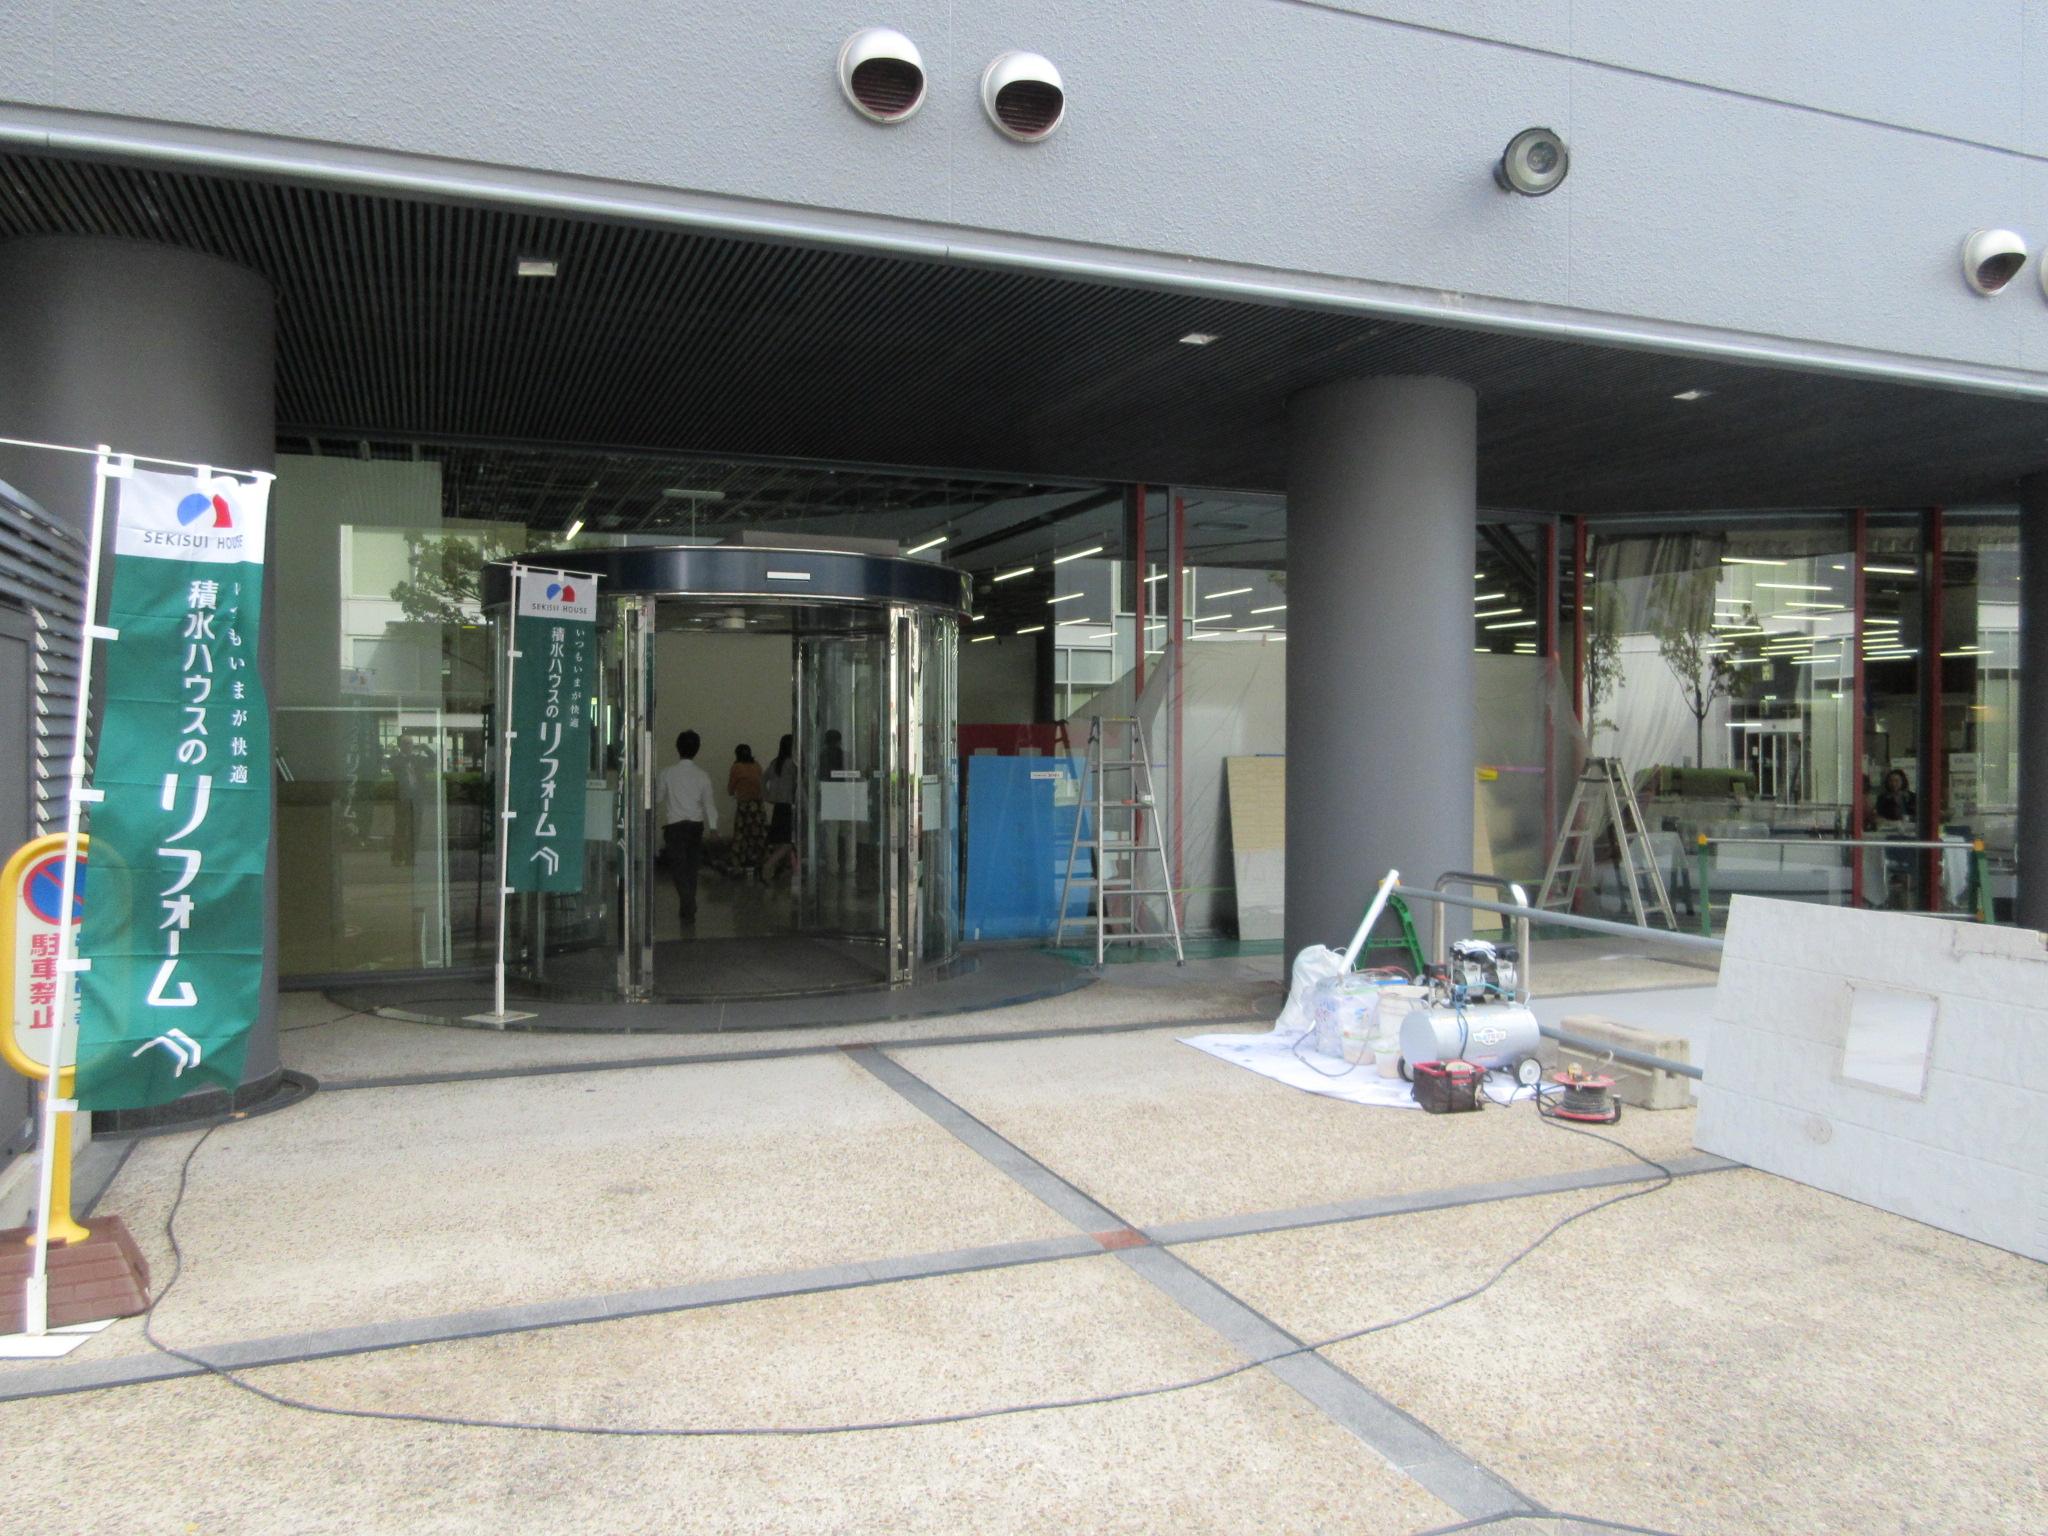 リフォーム 中 ハウス 日本 積水